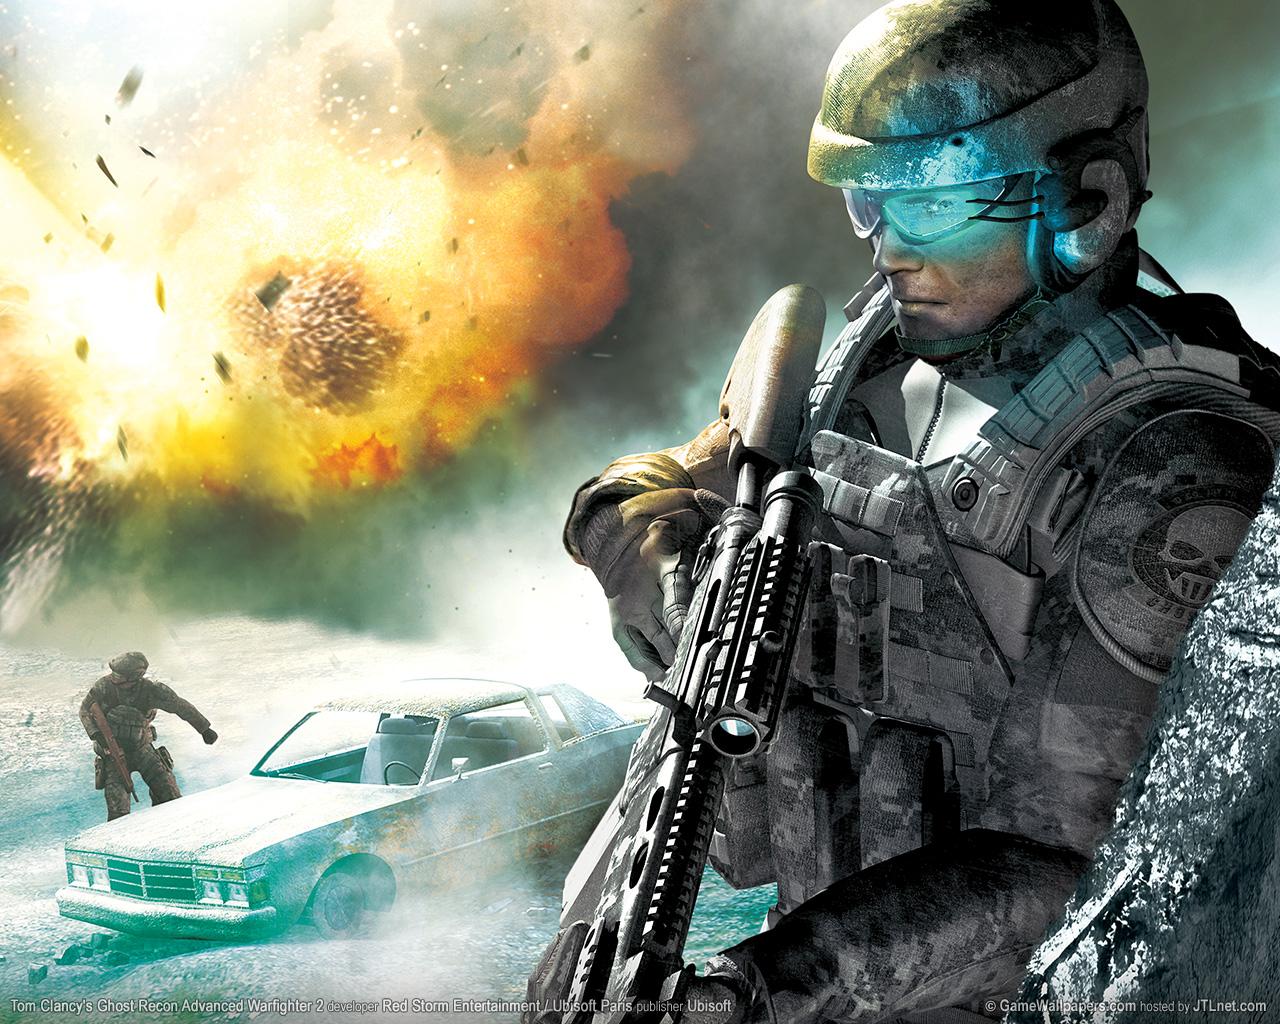 Room Cover Ghost Recon Ghost Recon Future Soldier Wii: GHOST RECON:FUTURE SOLDIER REVIEW